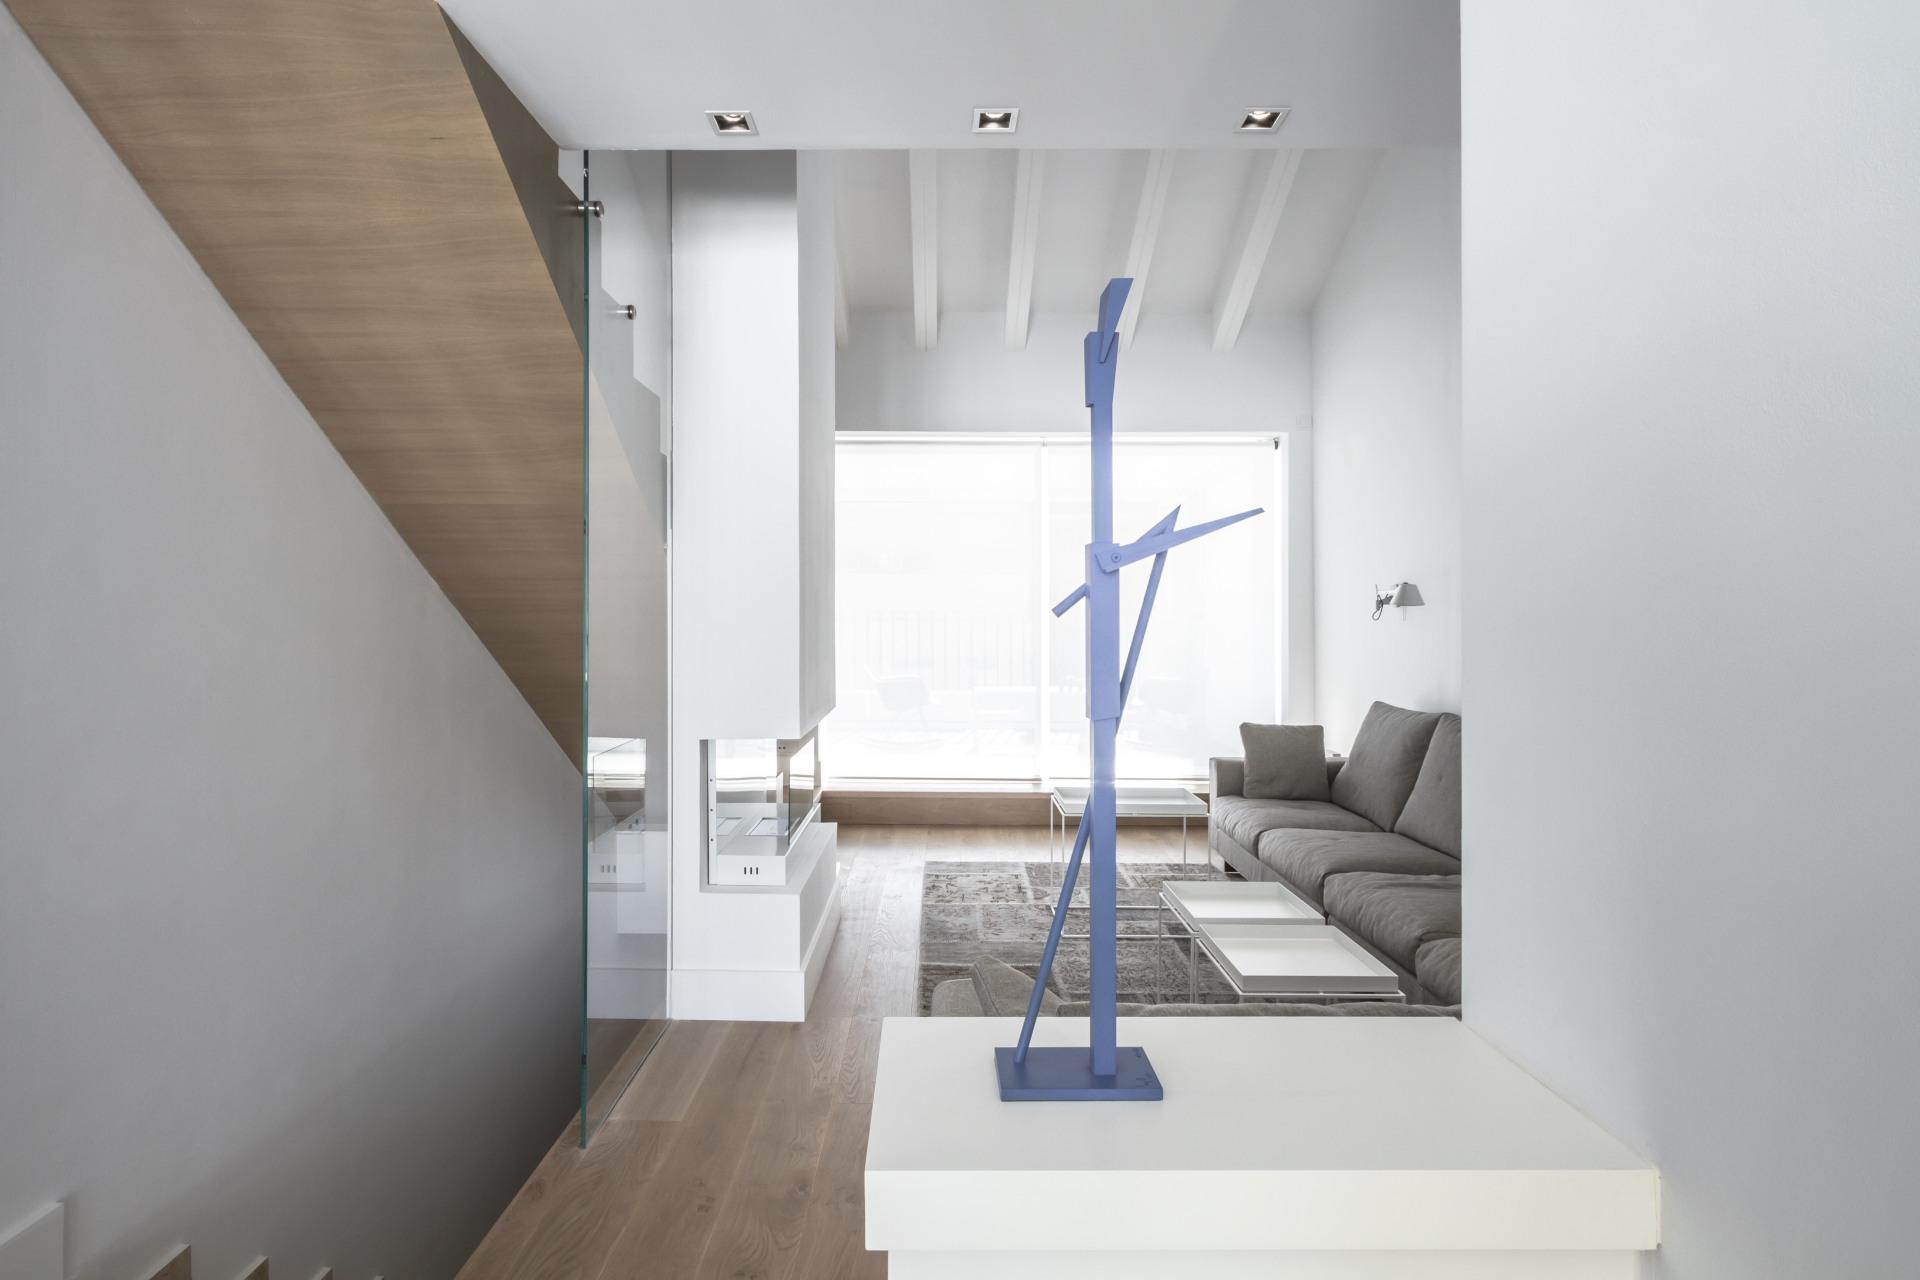 fotografia-arquitectura-valencia-german-cabo-hernandez-sorni-2 (5)